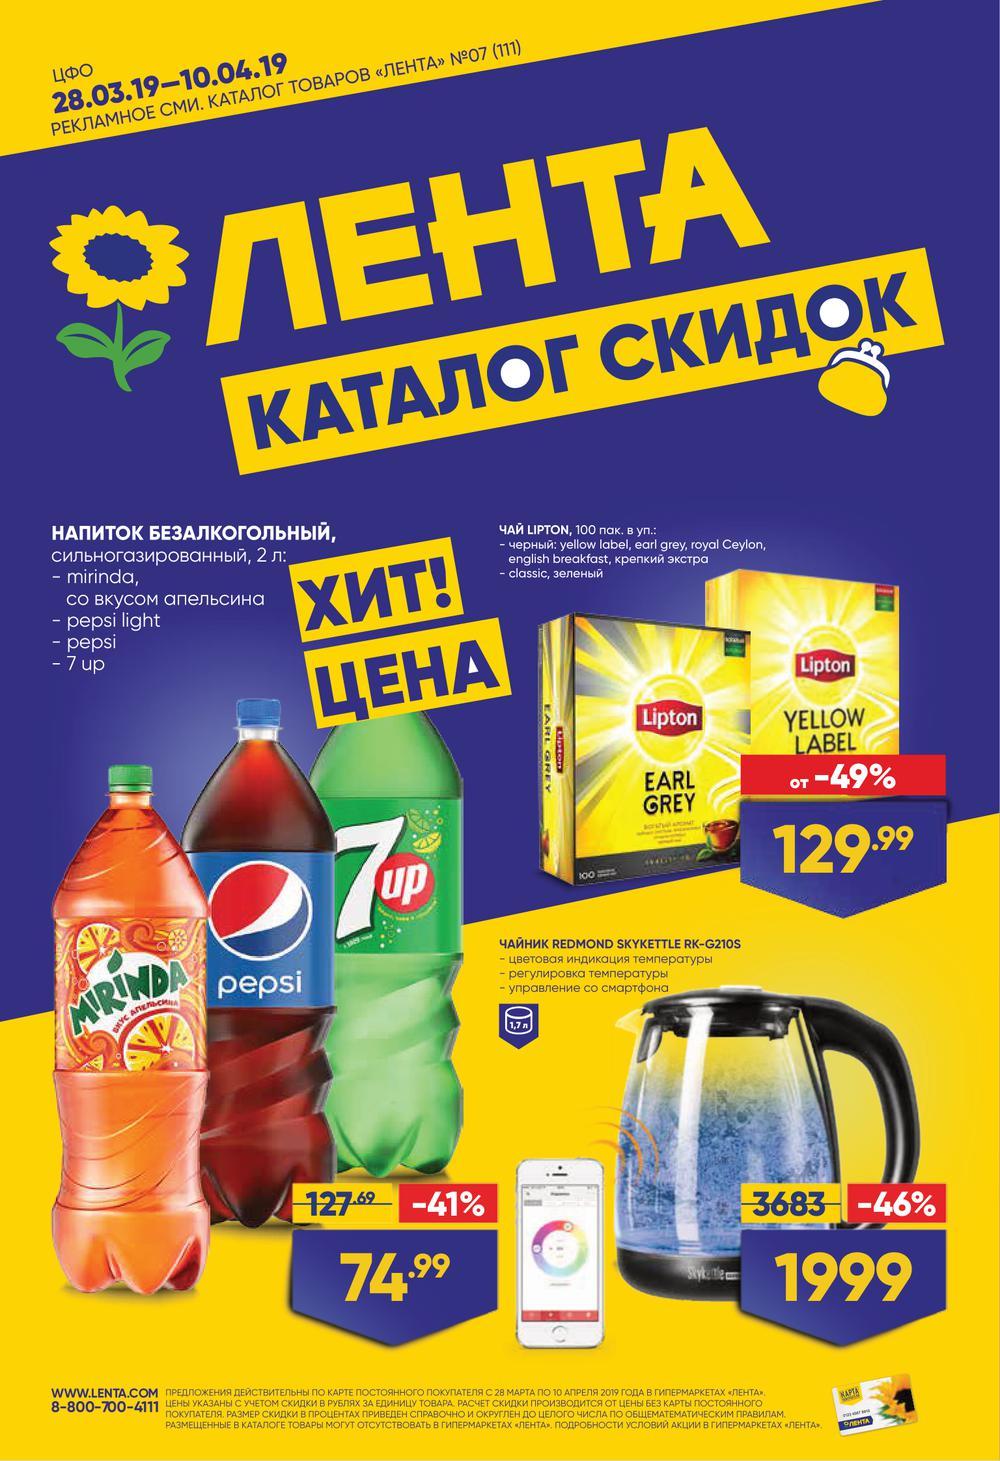 Акции и скидки тверь www kupi ne kopi com как заплатить